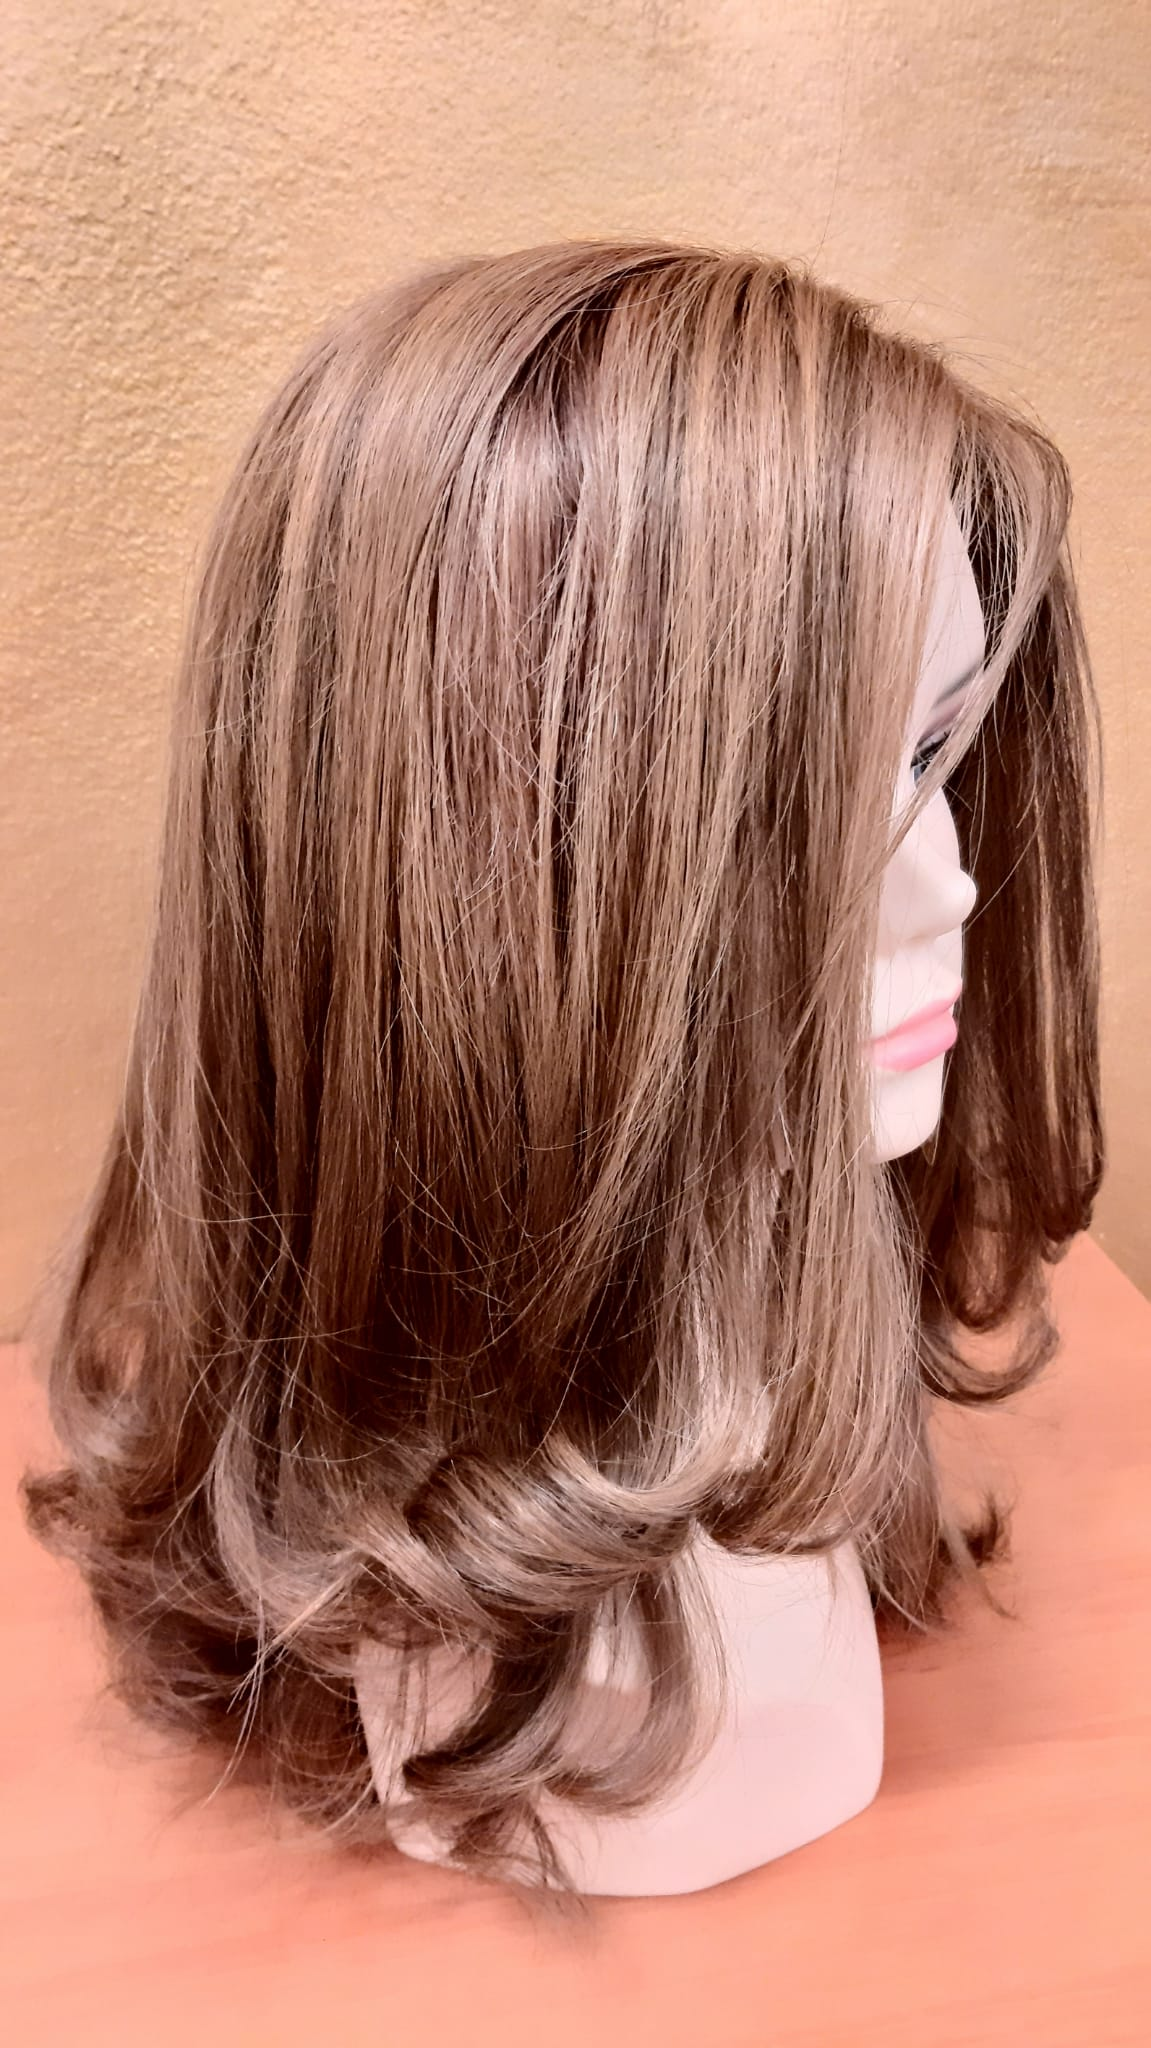 Sere B/D Human Hair